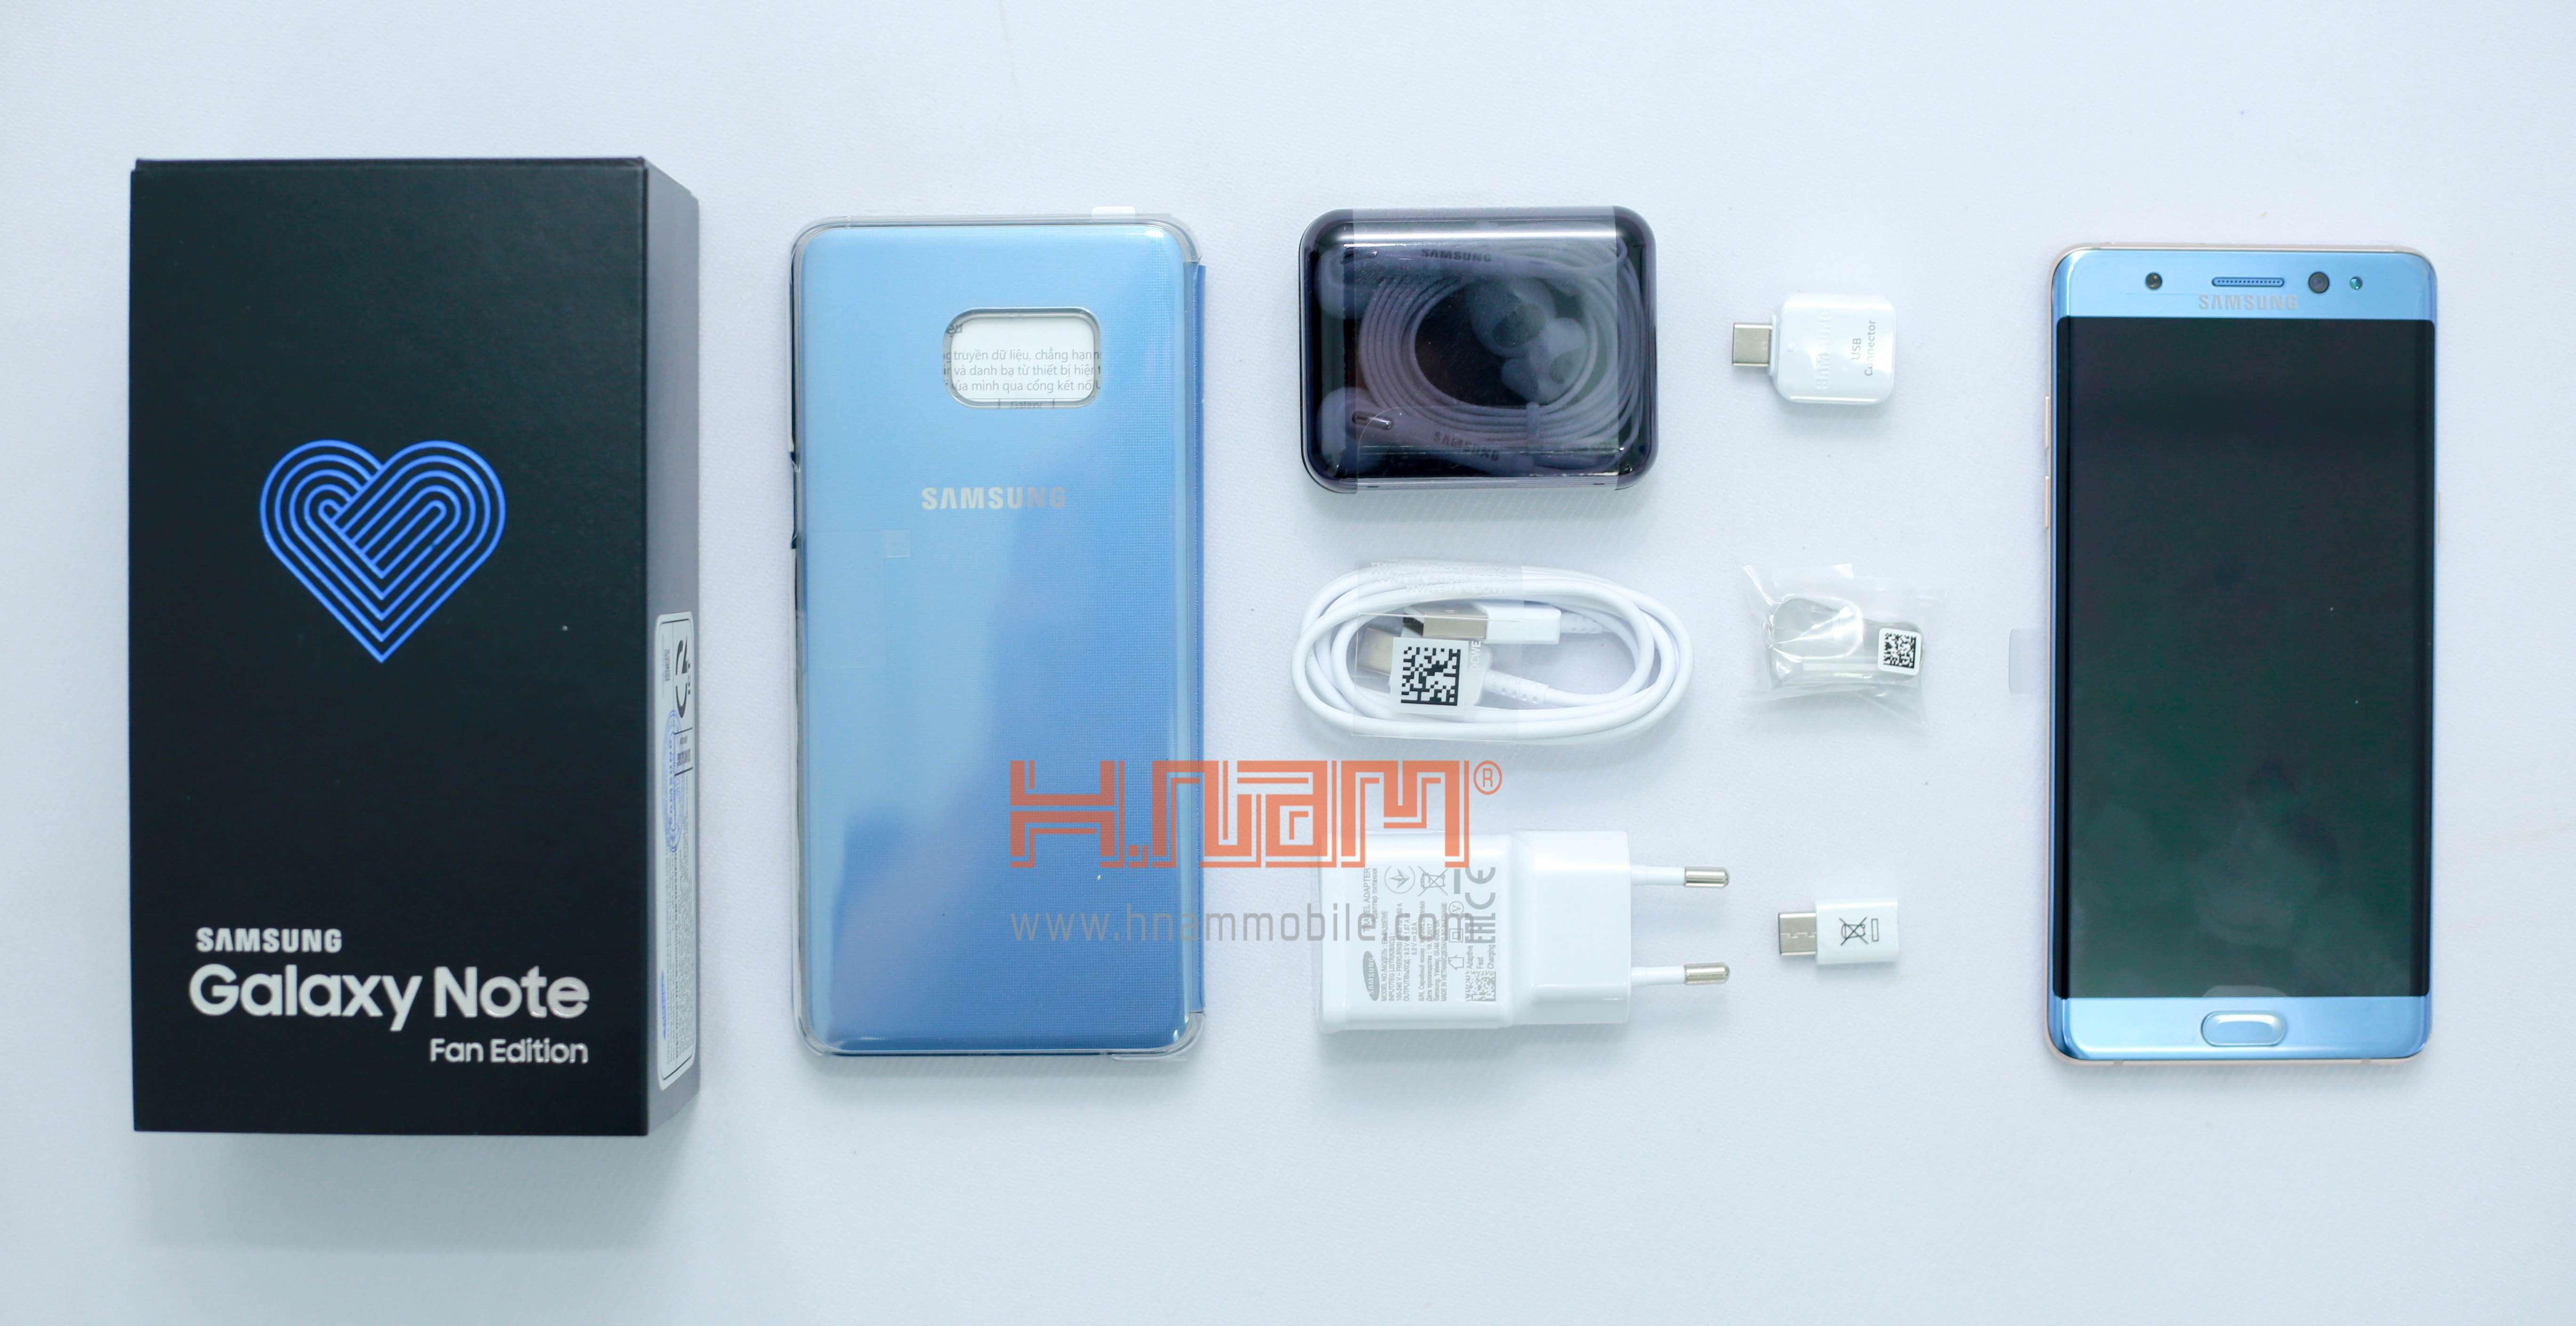 Samsung Galaxy Note FE 64Gb Hàn Quốc () hình sản phẩm 0